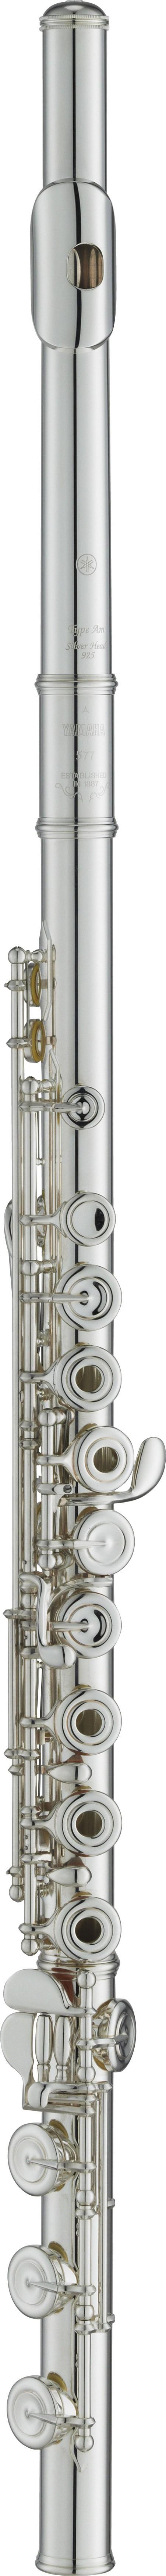 Yamaha - YFL - 577 - H - RBEO - Holzblasinstrumente - Flöten mit E-Mechanik | MUSIK BERTRAM Deutschland Freiburg